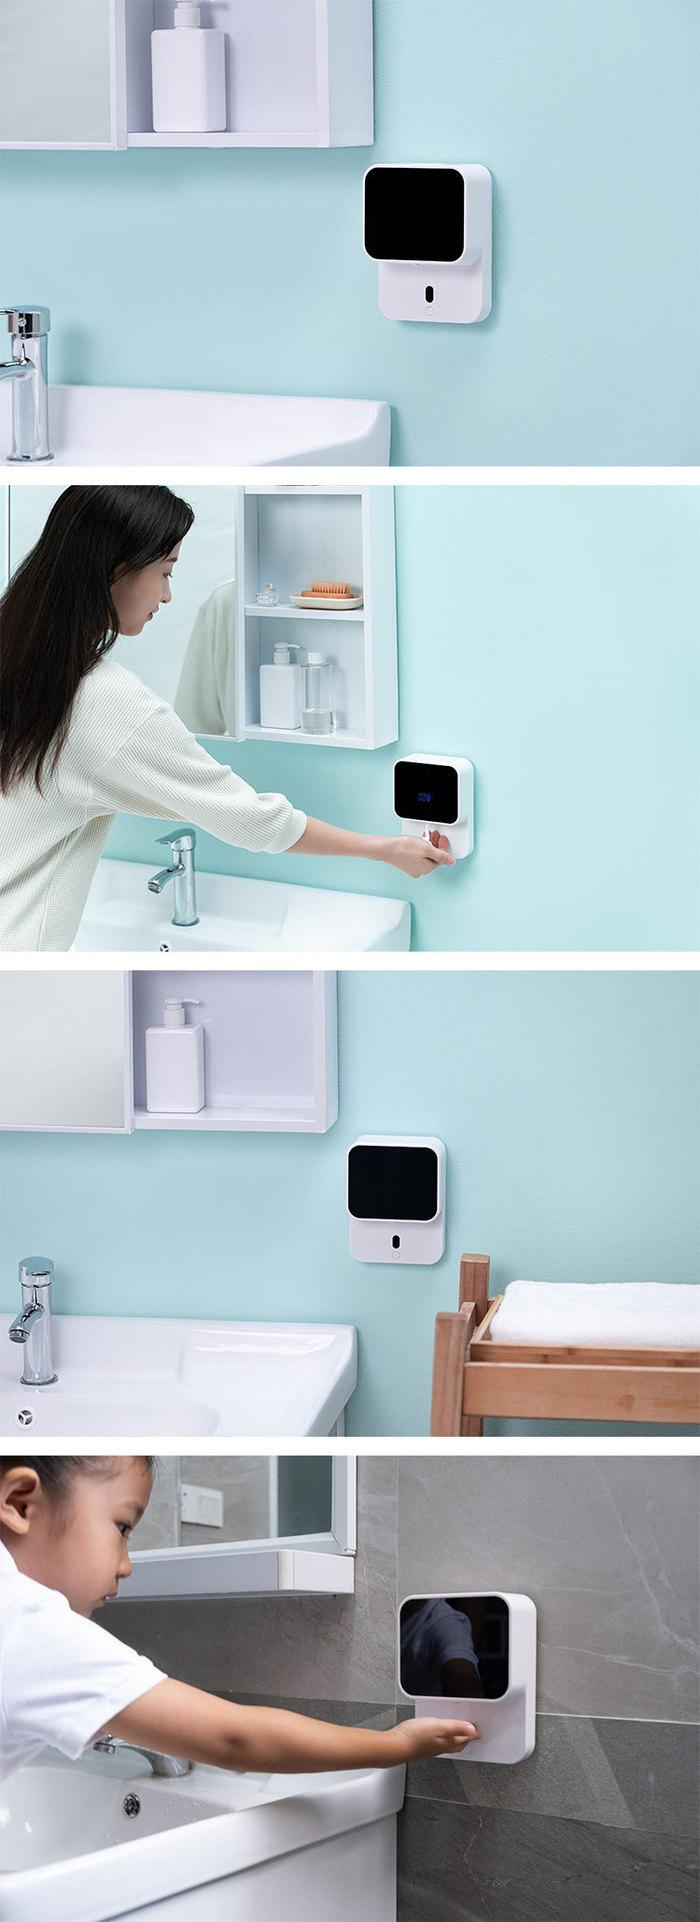 Amoovars|BÜBBLA 簡約小型智能自動感應泡沫洗手器 LED 顯示